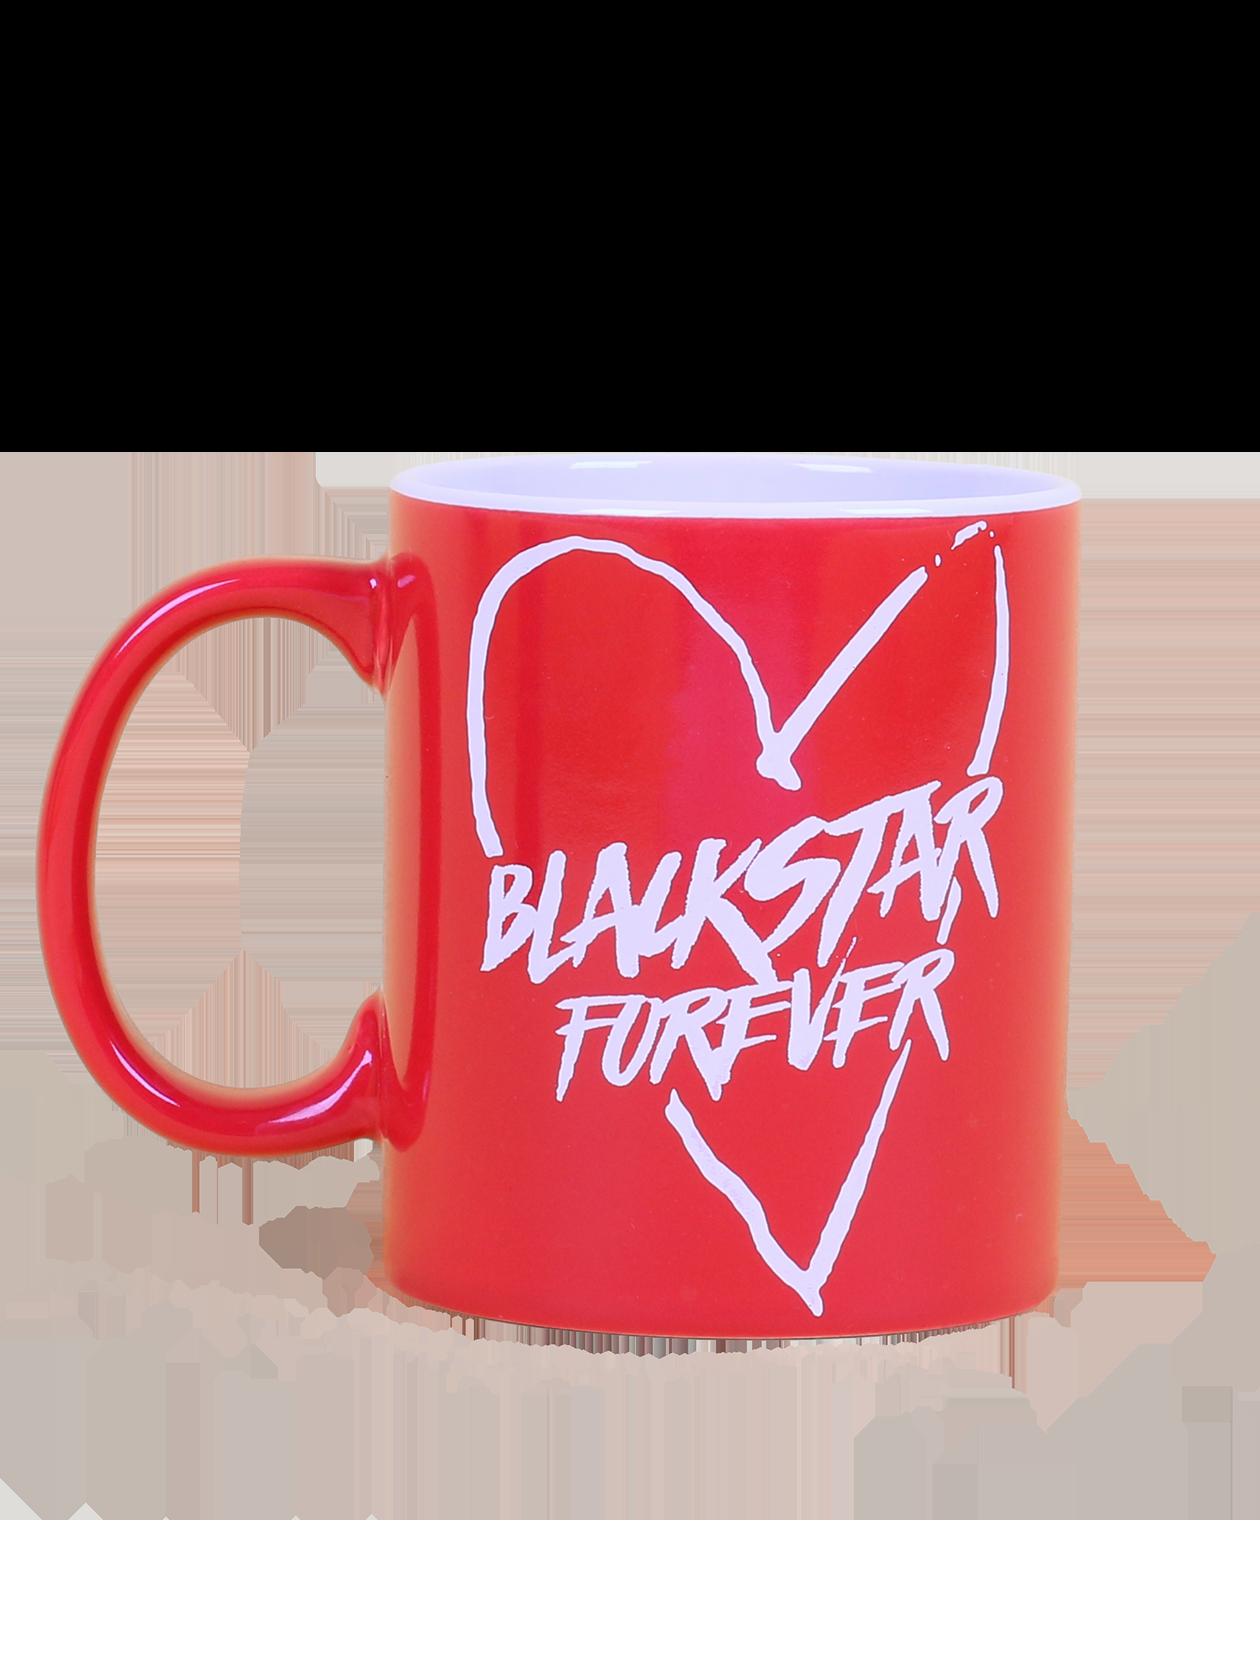 Кружка FOREVERФирменная кружка Forever с яркой надписью Black Star forever в большом сердце – то, что нужно для успешного начала дня. Модель выполнена в традиционной цилиндрической форме, имеет удобную большую ручку. Материал изготовления – высококачественная керамика, выдерживающая любые температурные нагрузки. Представлена в трех цветах: белый, красный и черный. Может использоваться в качестве оригинального подарка.<br><br>Размер: Единый размер<br>Цвет: Красный<br>Пол: Унисекс